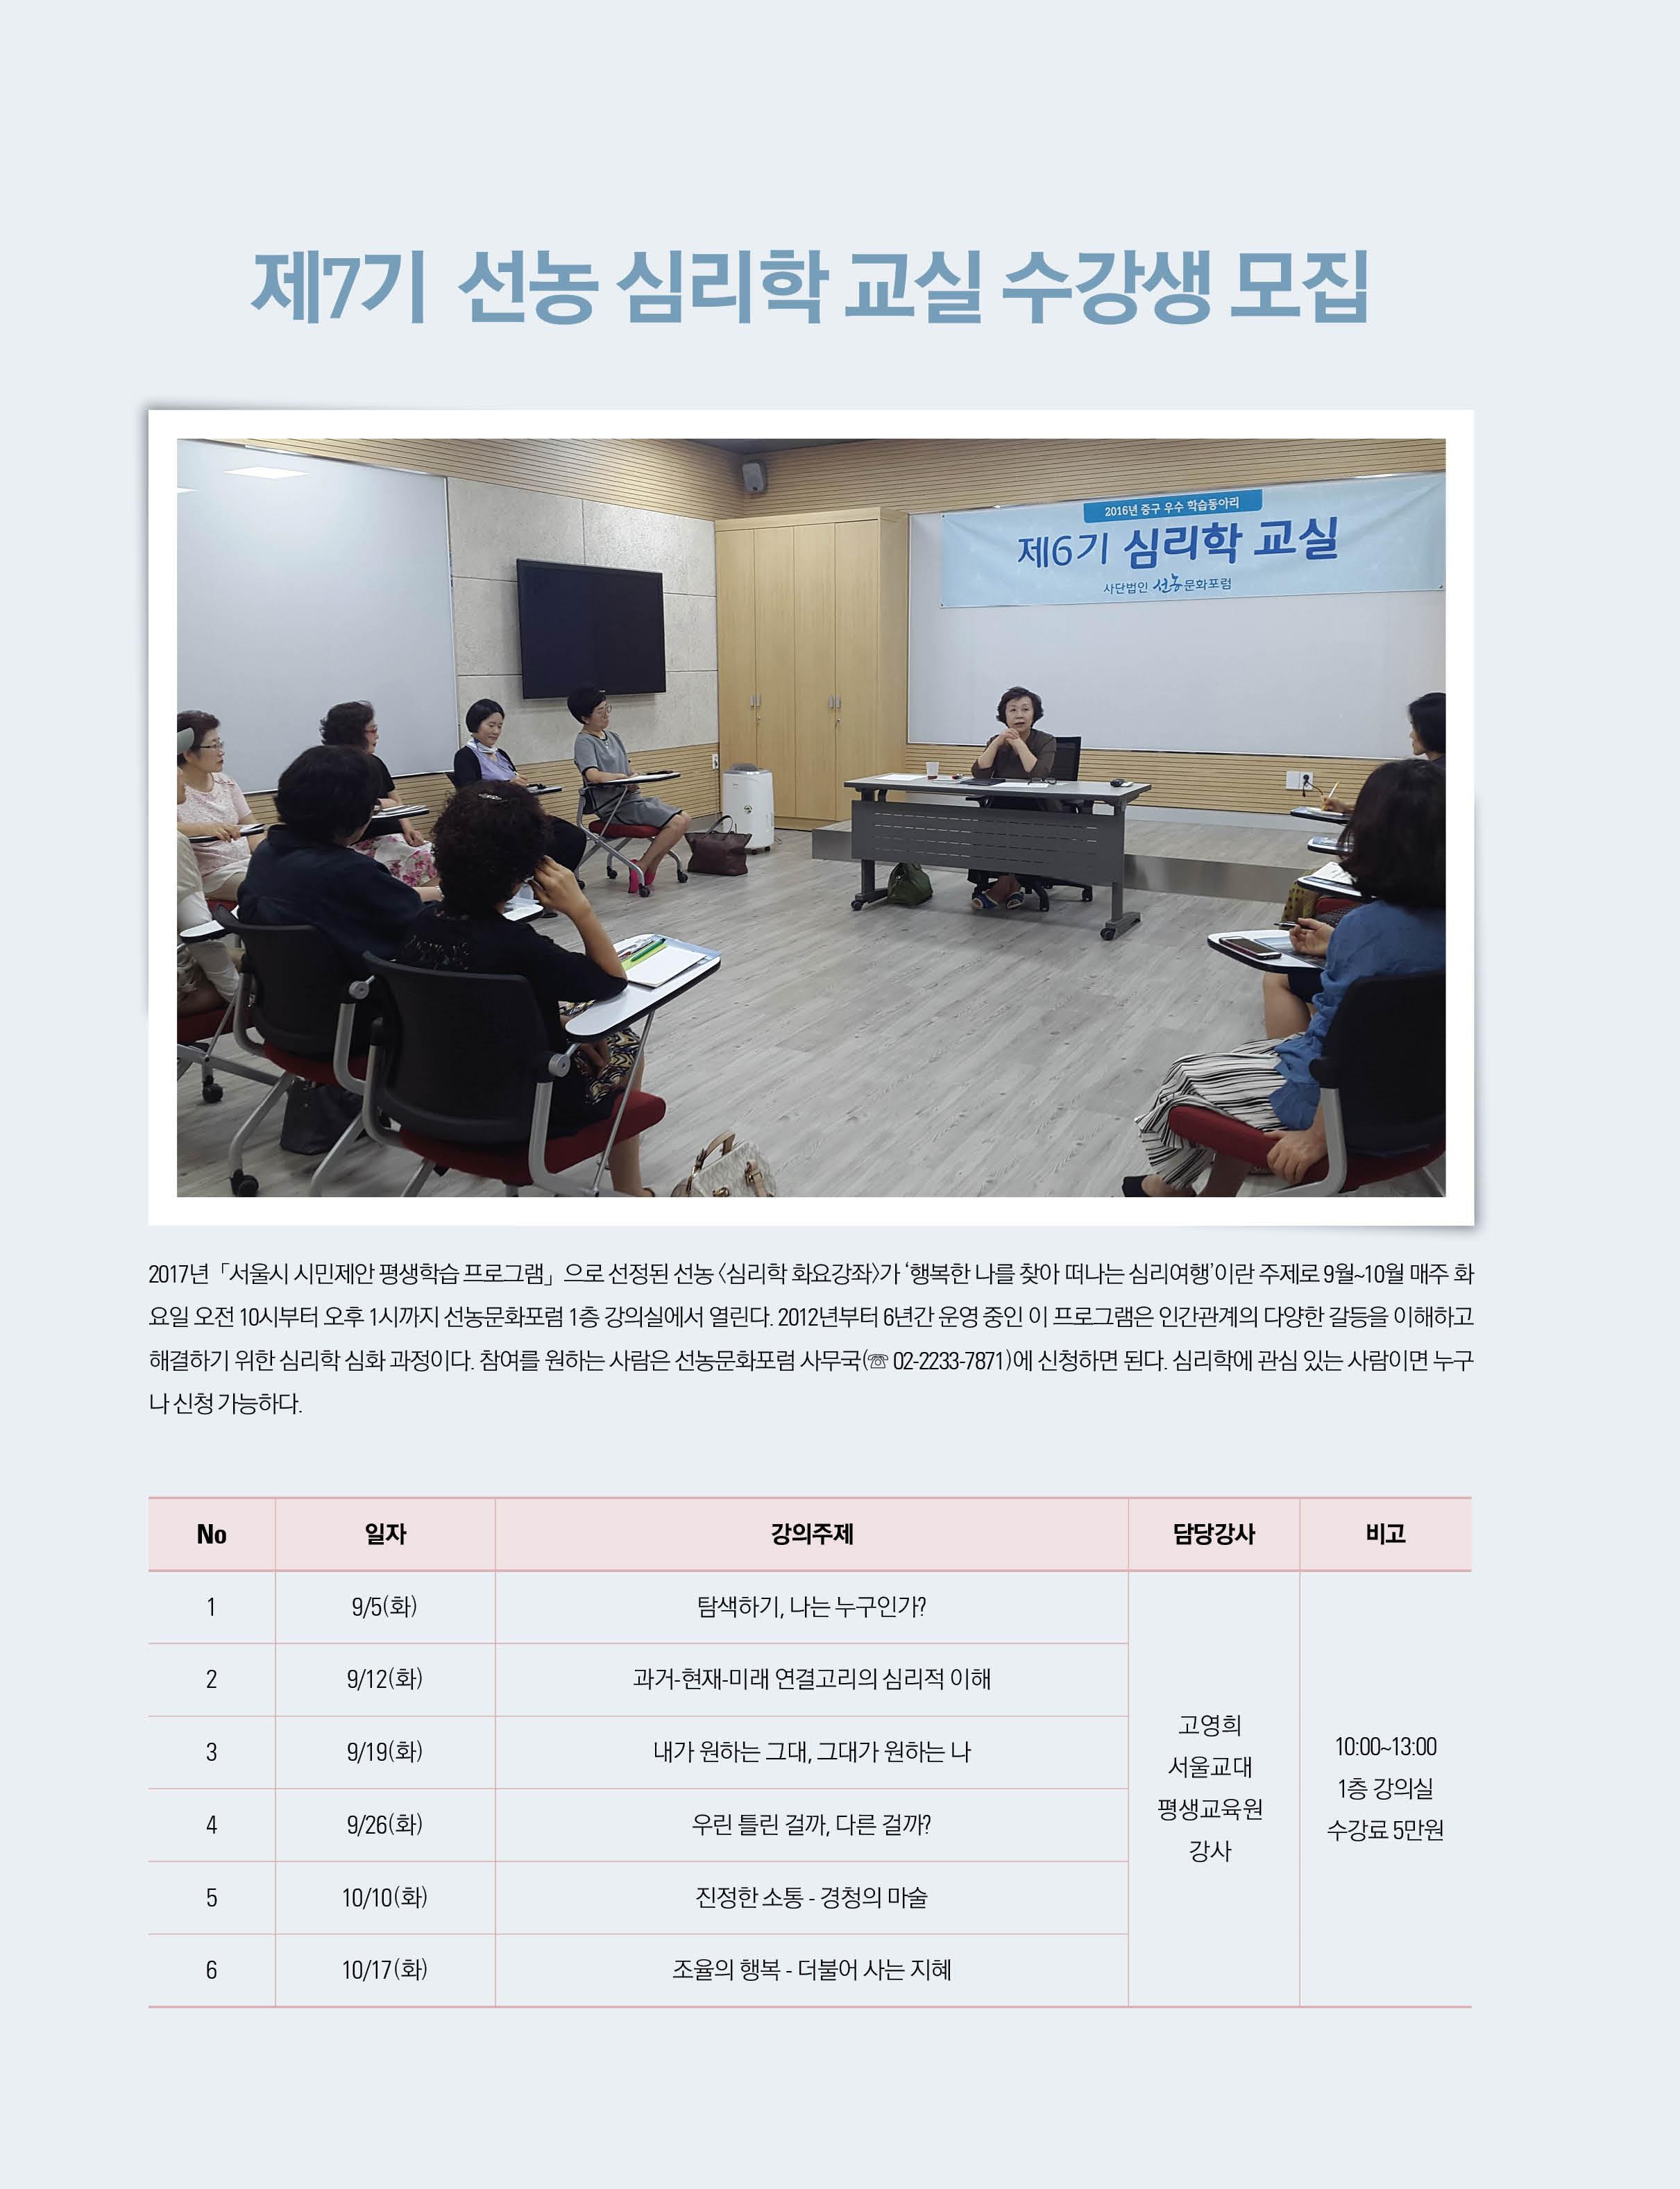 선농_제7기 심리학 수강생모집.jpg